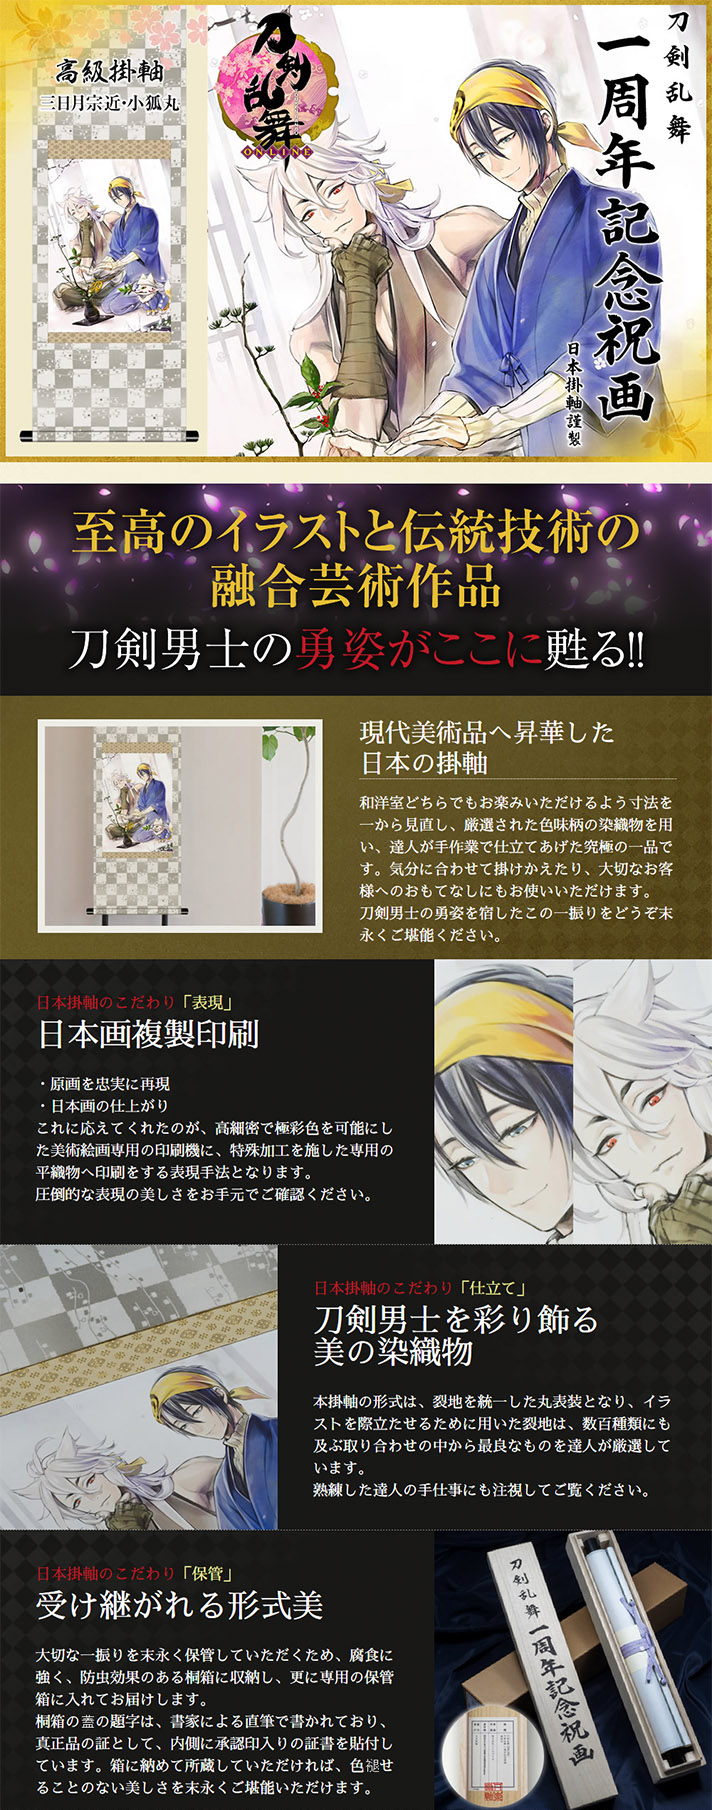 刀剣乱舞-ONLINE- 刀剣乱舞 一周年記念祝画 掛軸